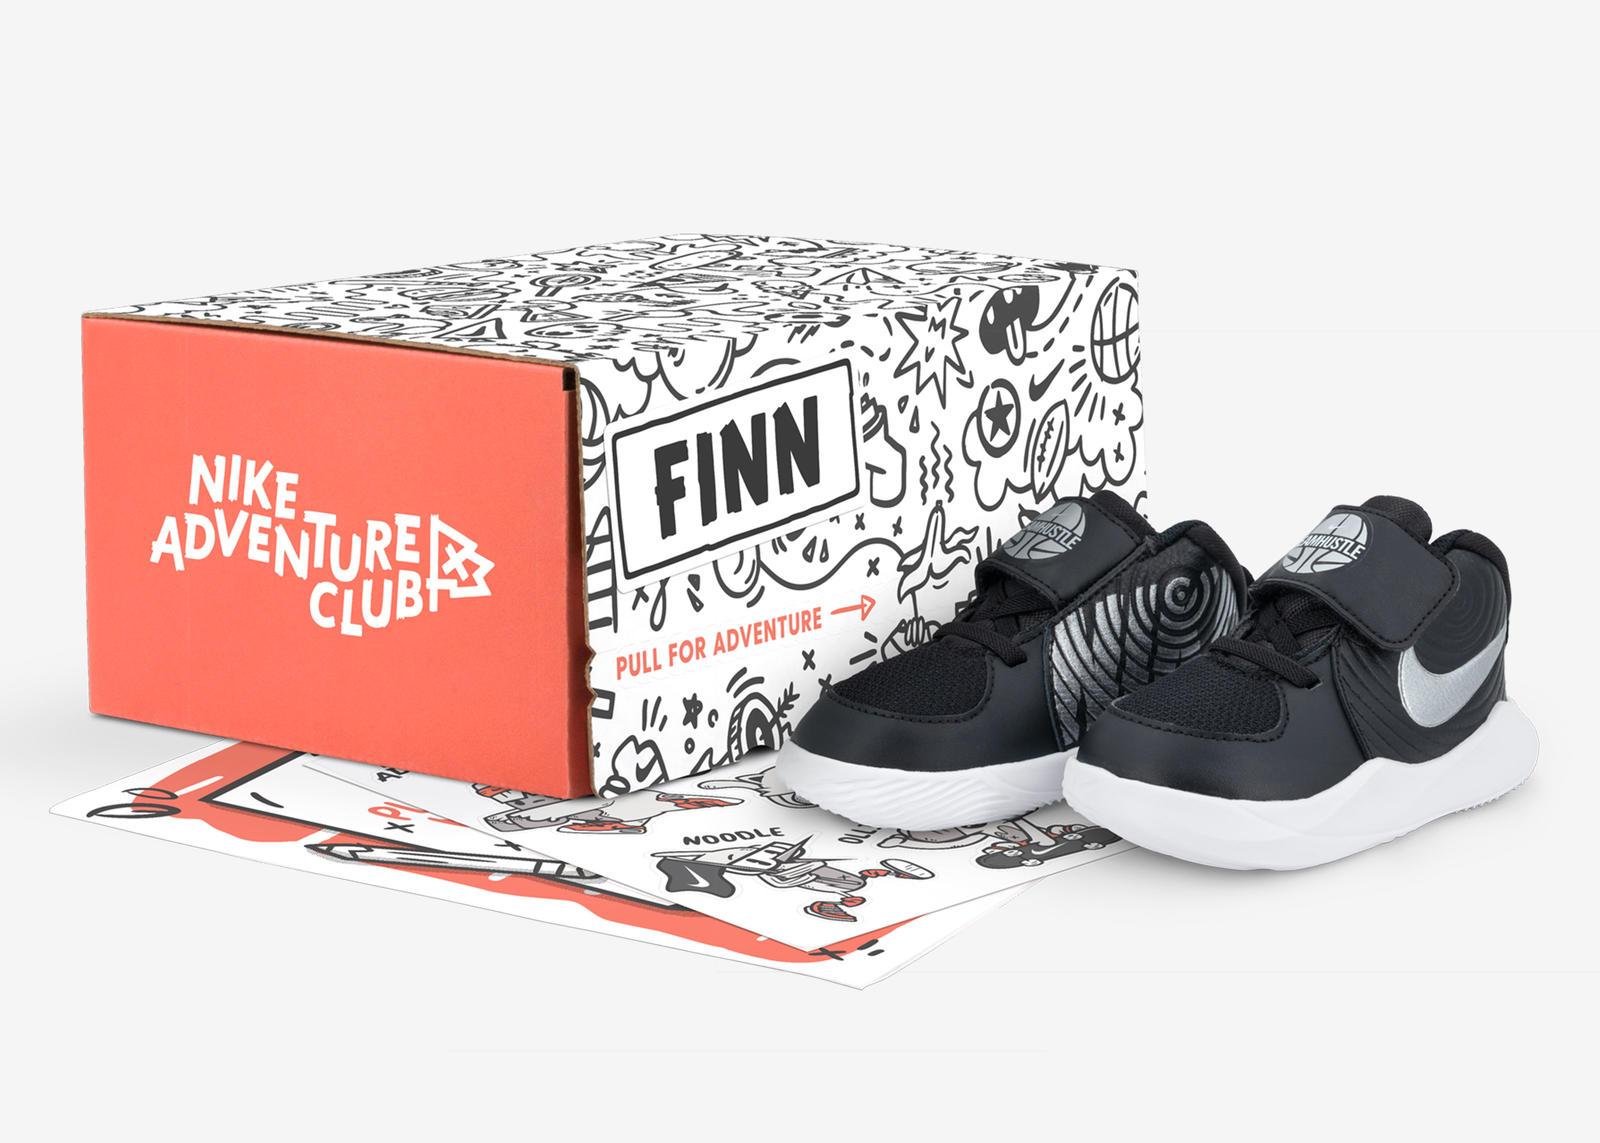 NikeNews_NikeAdventureClub_FullBox_1_89763.jpg